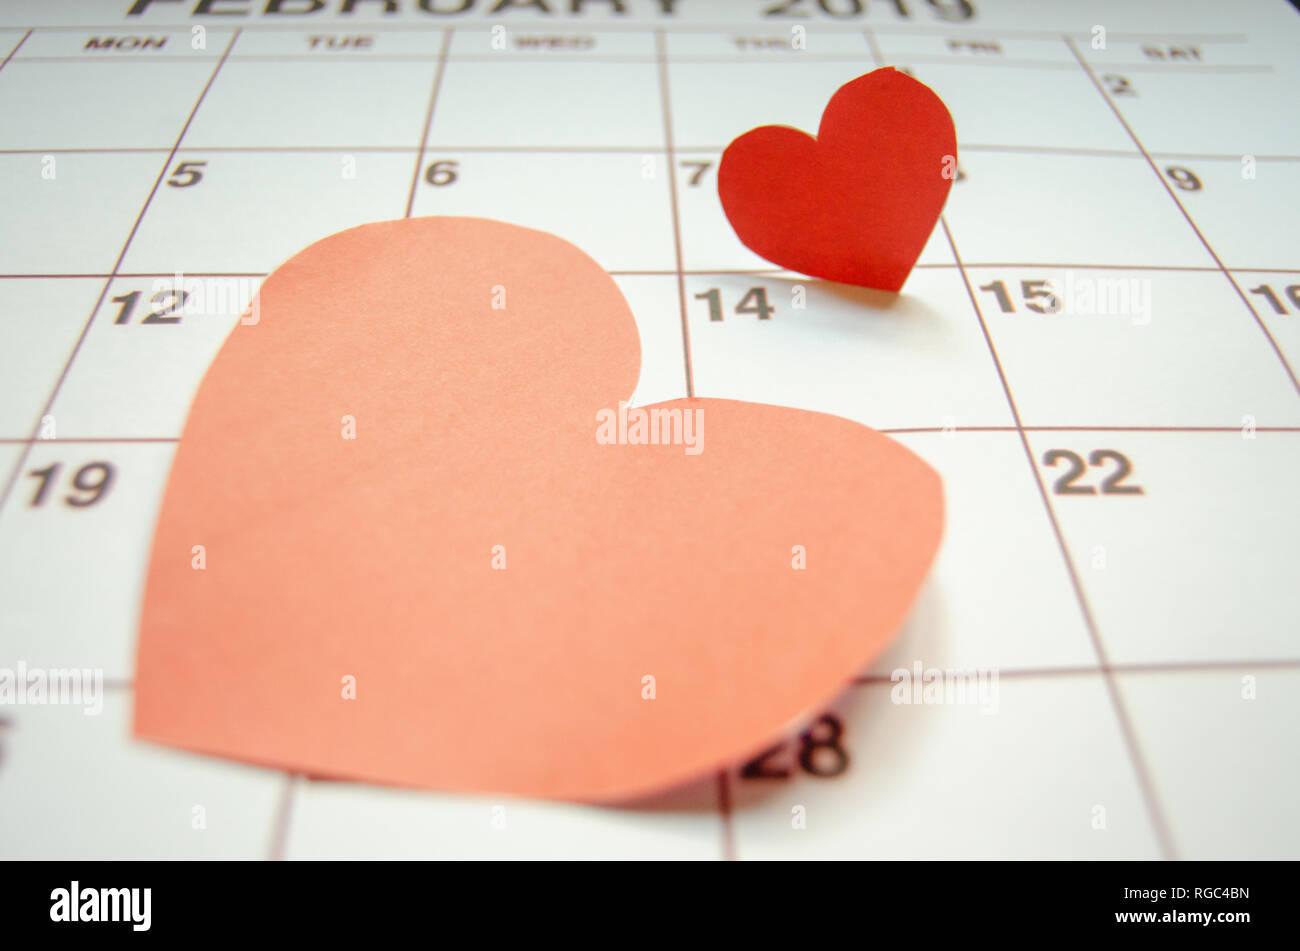 Rossi Sul Calendario.Segnando Il Calendario Immagini Segnando Il Calendario